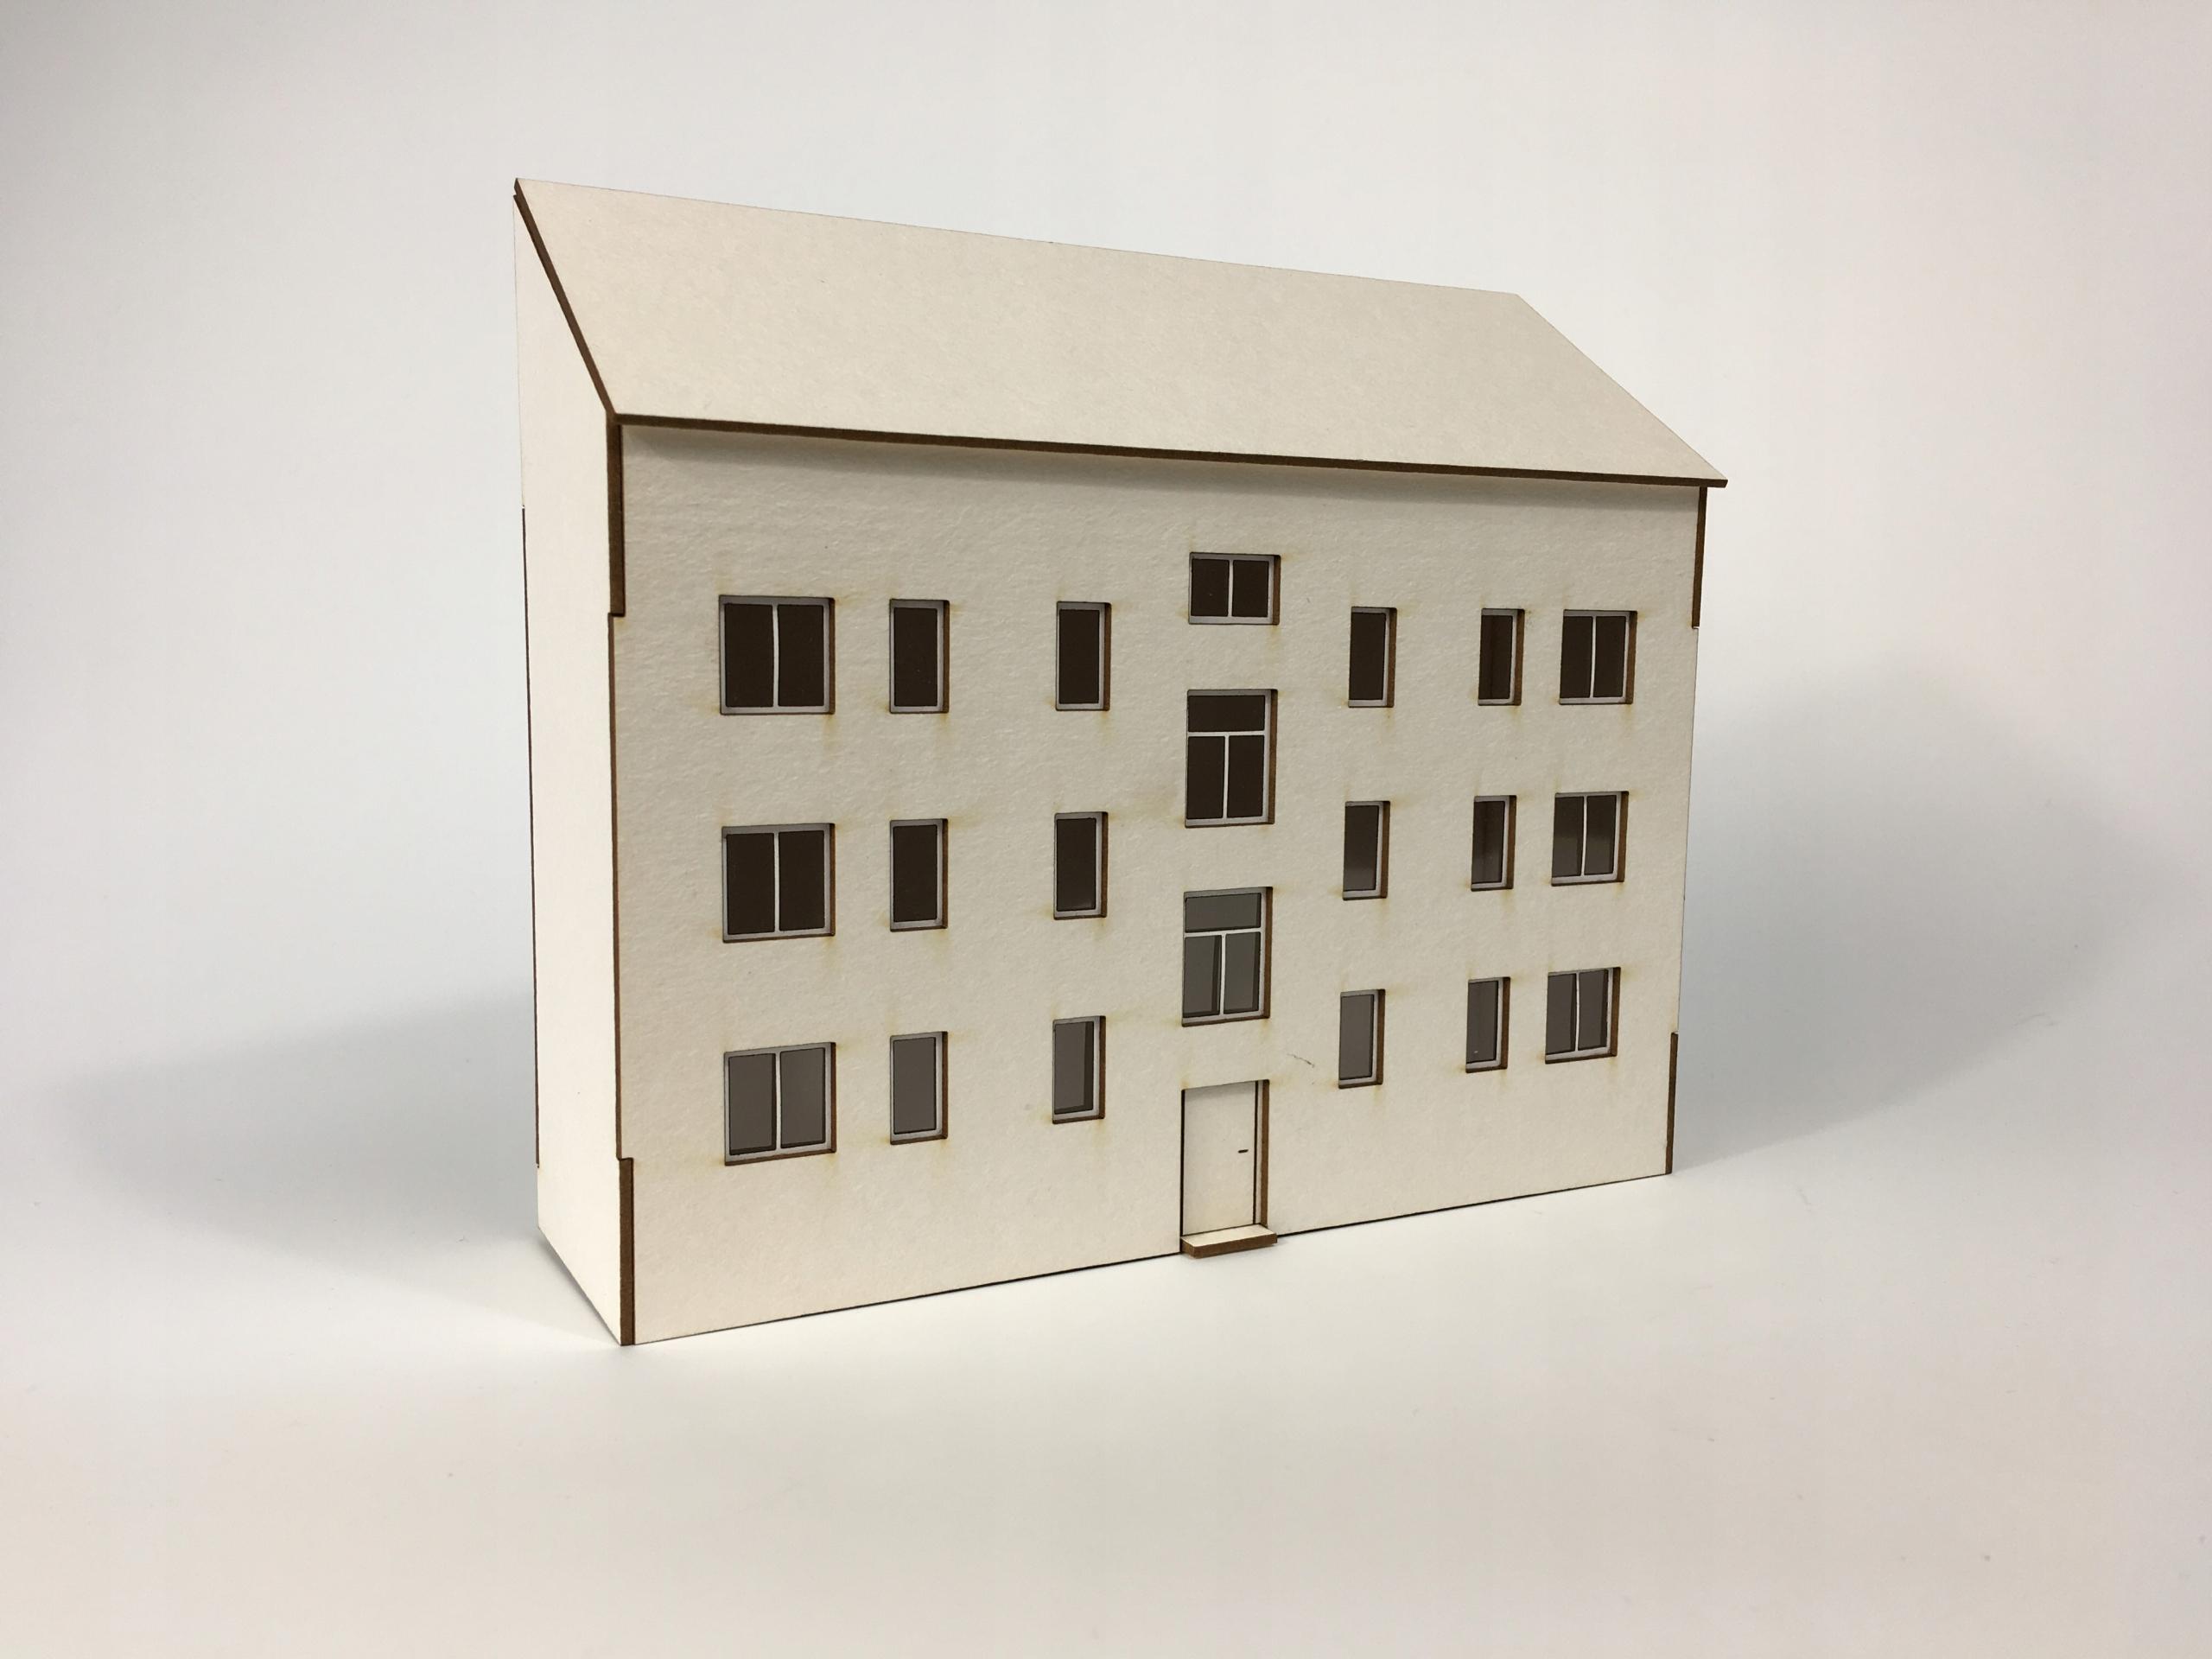 Pół budynku mieszkalnego typ: 02 H0